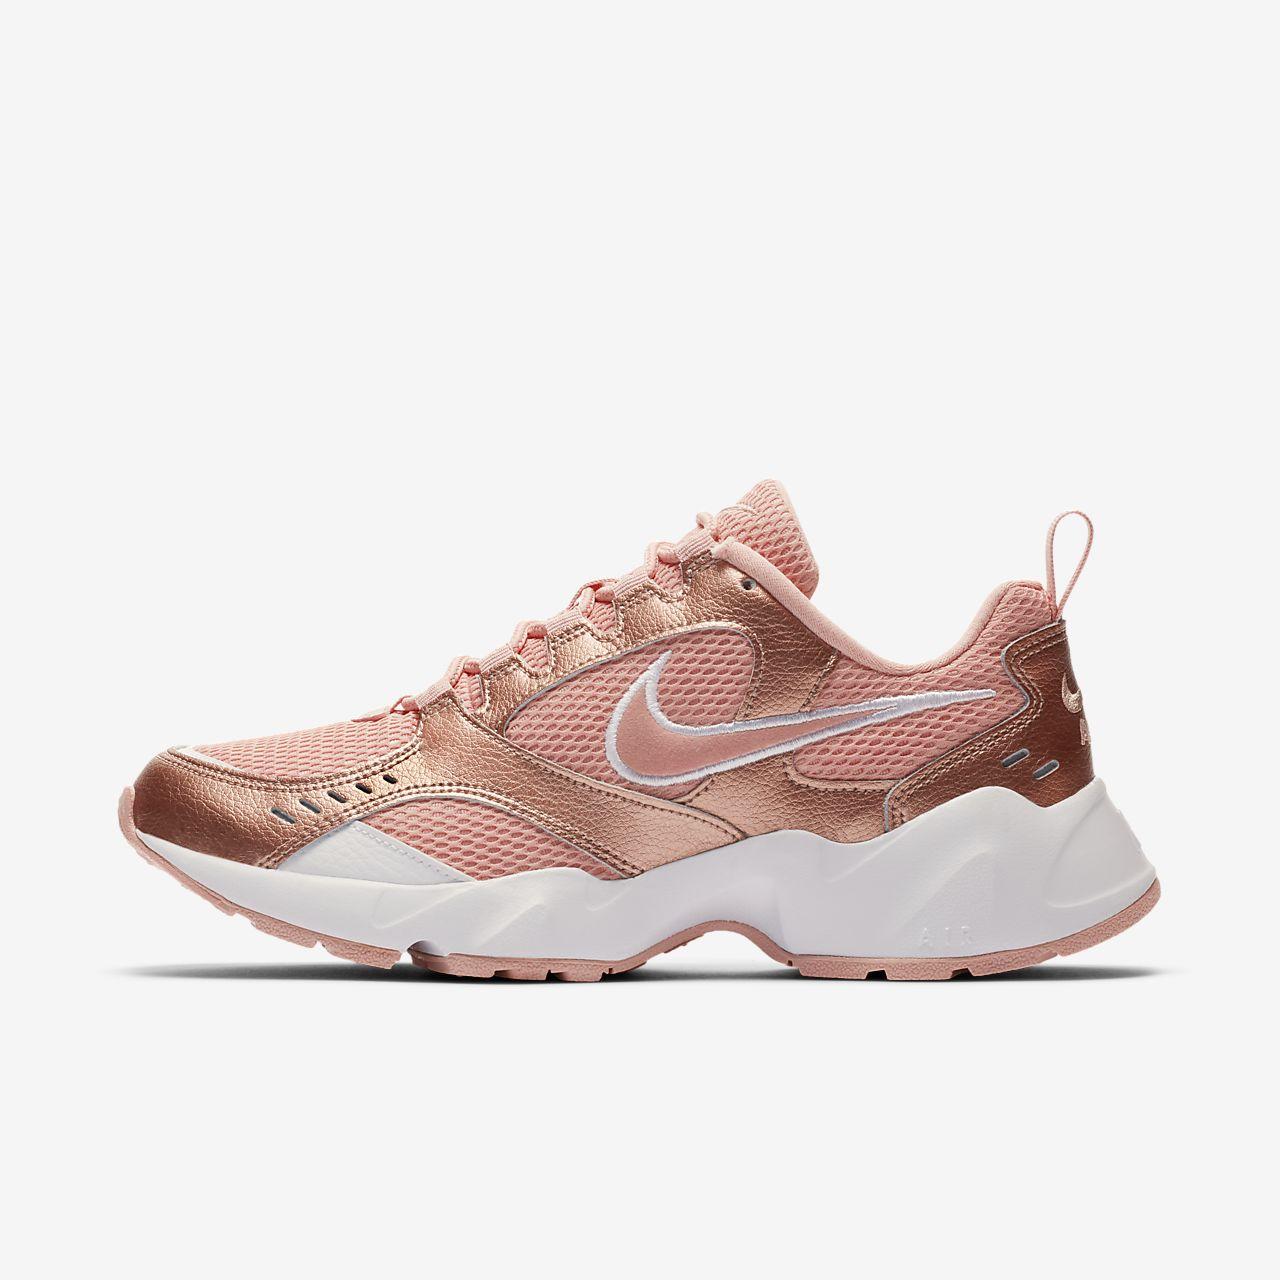 Nike Air Heights Damenschuh